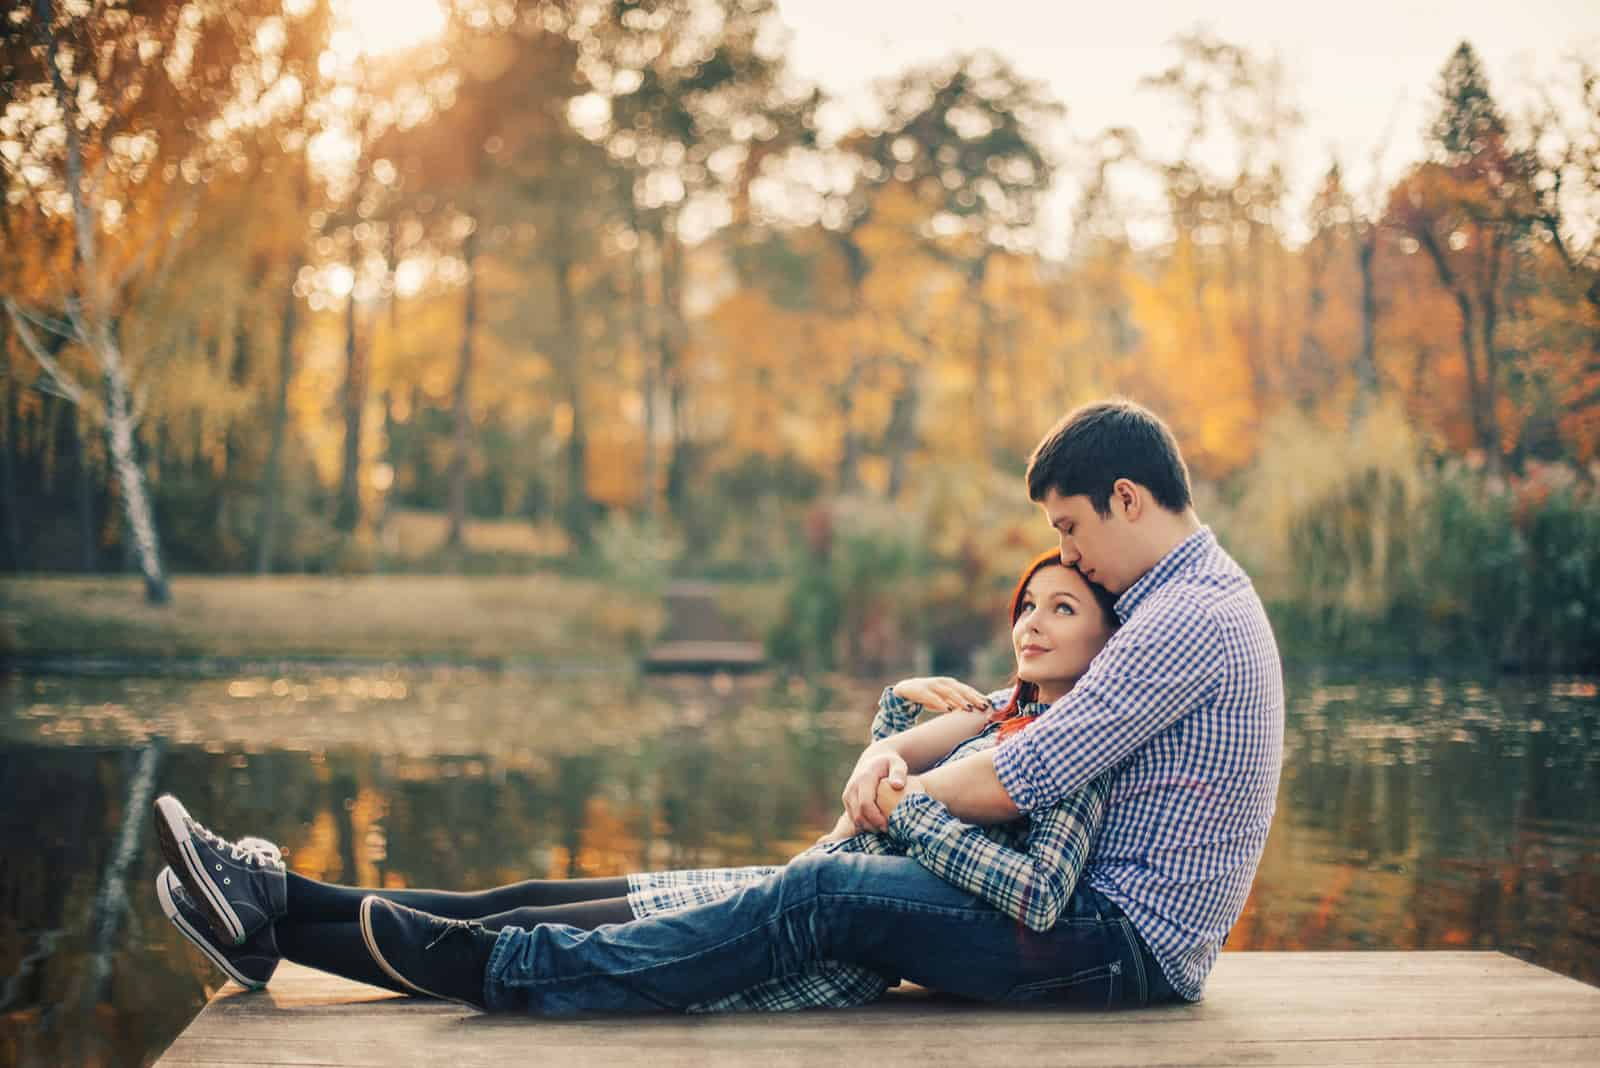 ein Mann und eine Frau sitzen sich umarmend auf einem Pier am Fluss